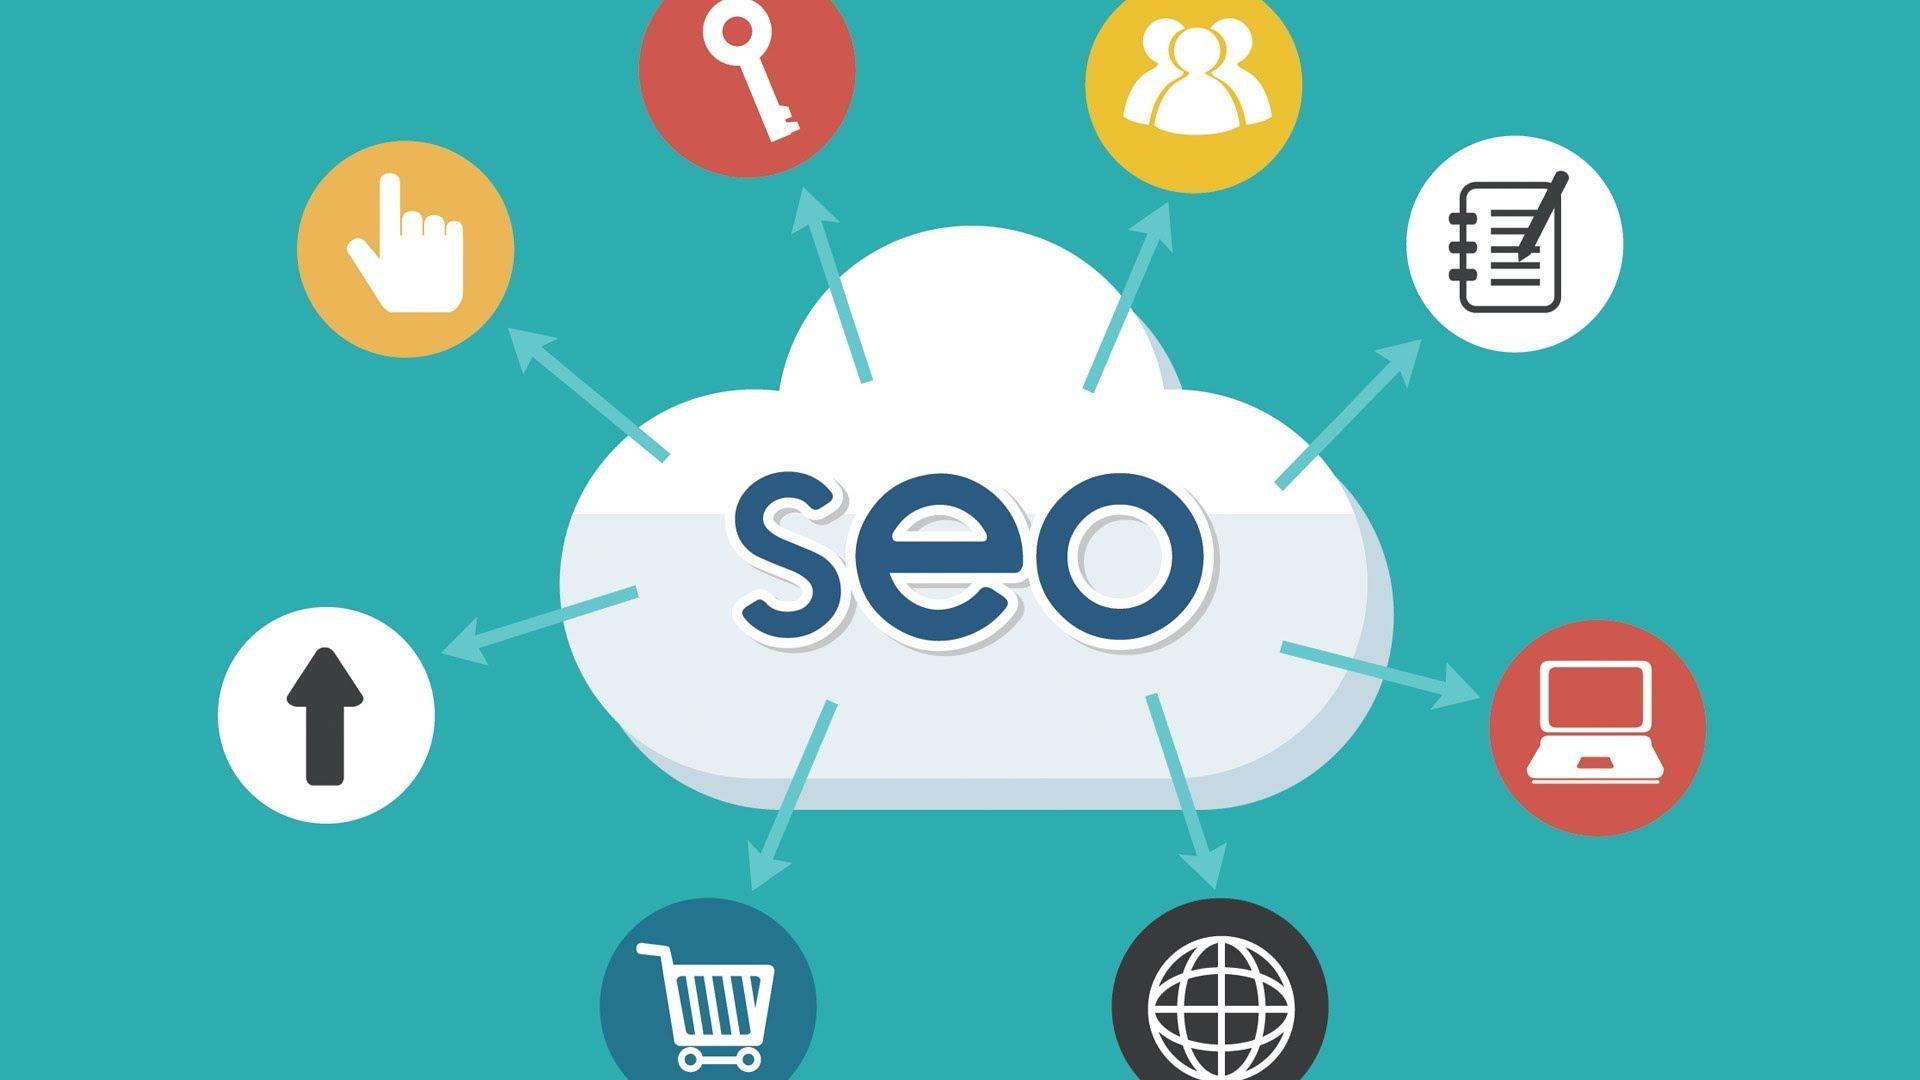 Curso de posicionamiento en buscadores web - SEO/SEM